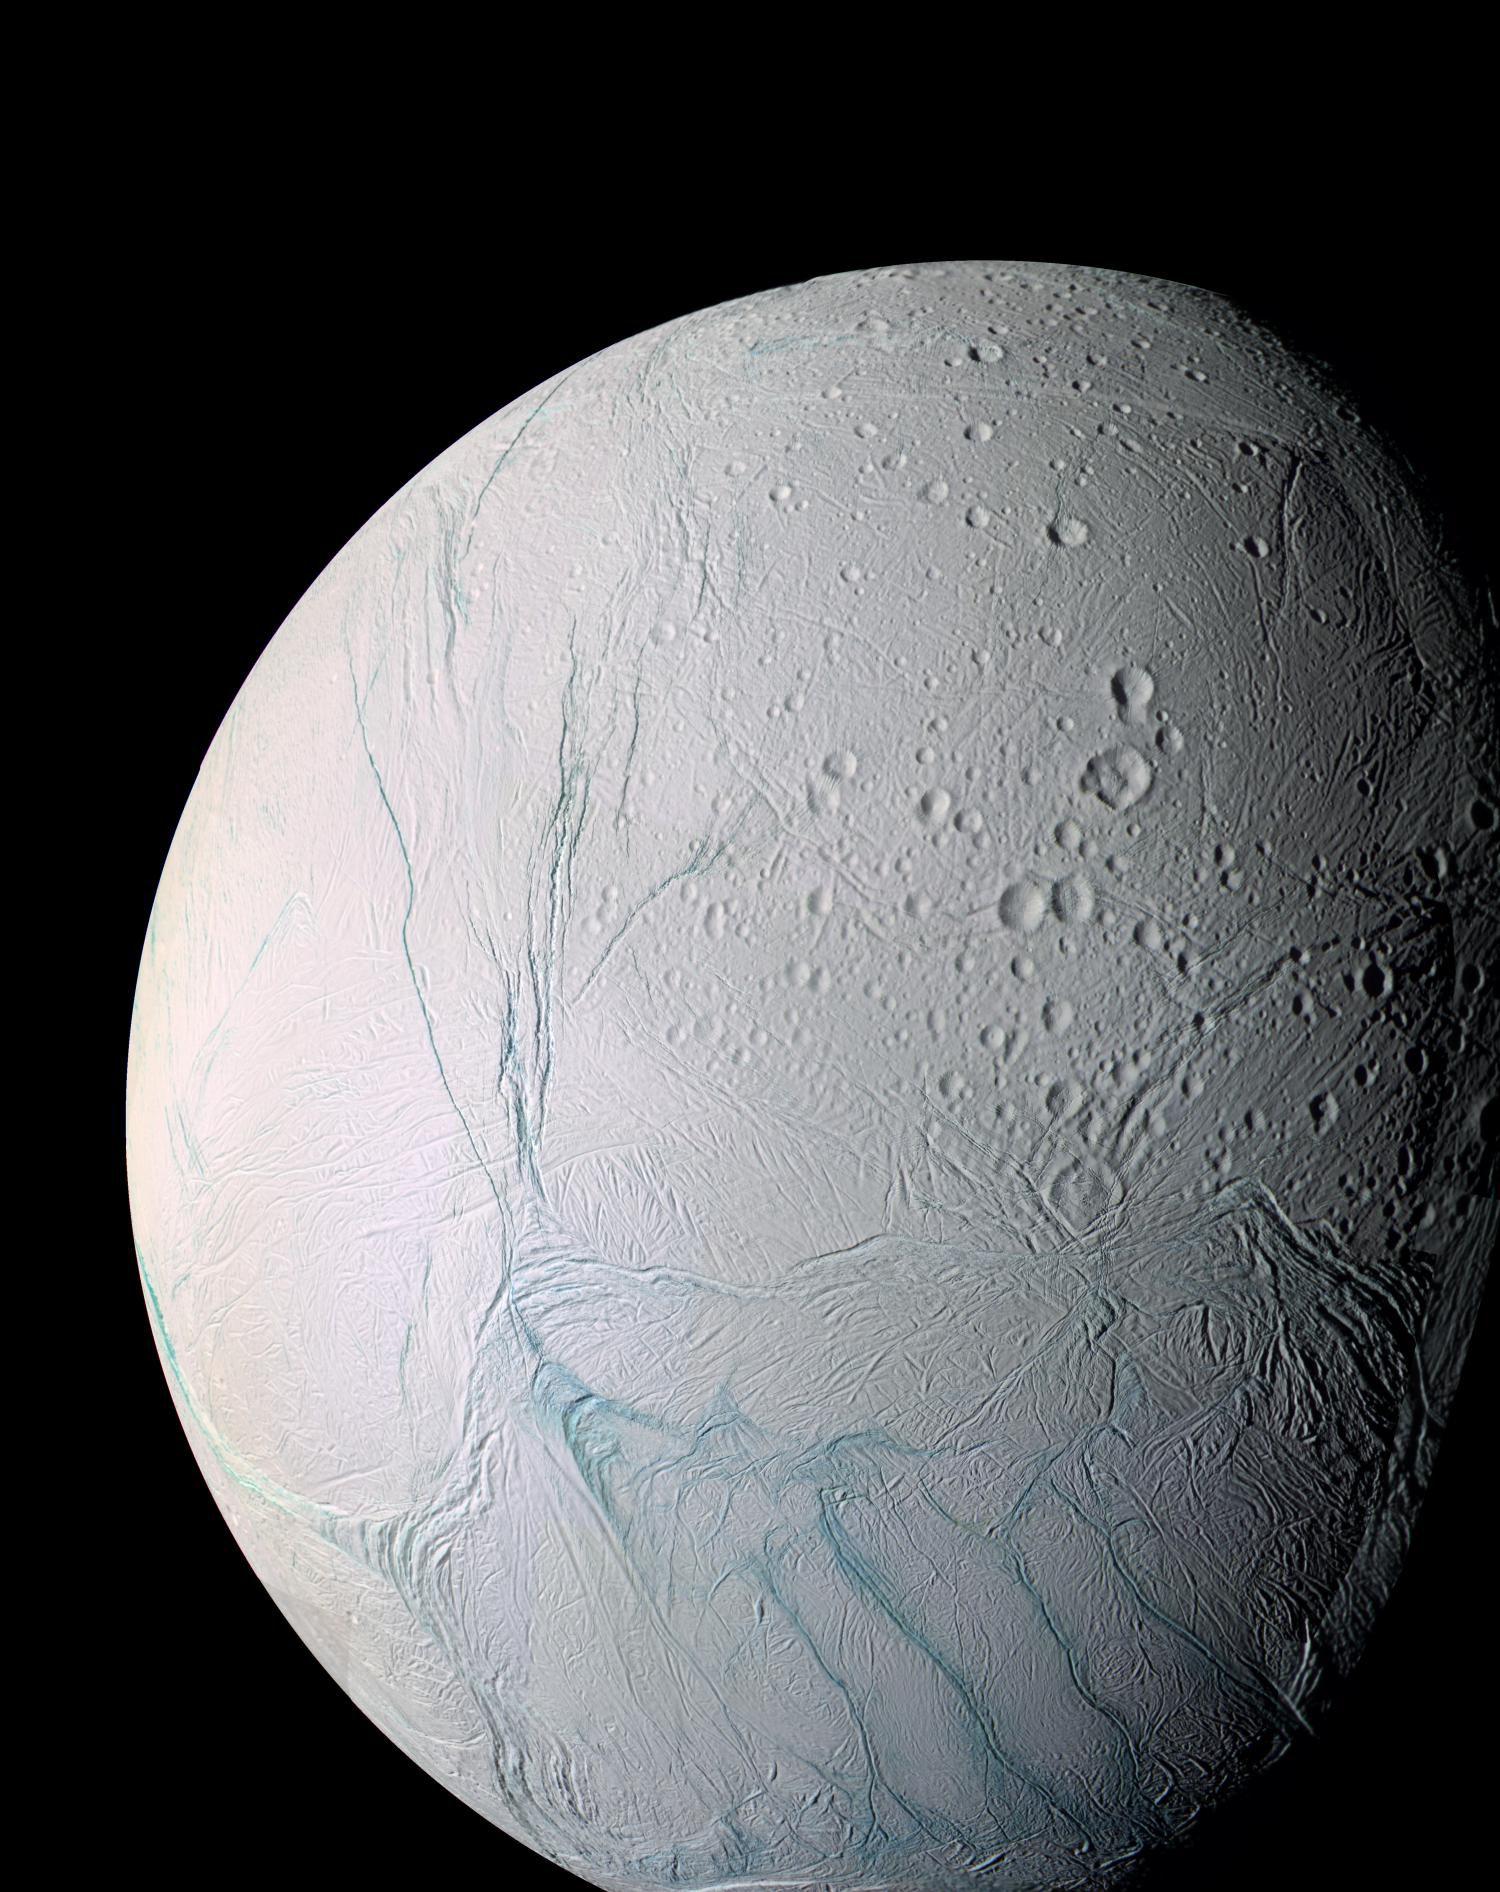 Ученые считают, что спутник Сатурна Энцелад впрошлом перевернулся